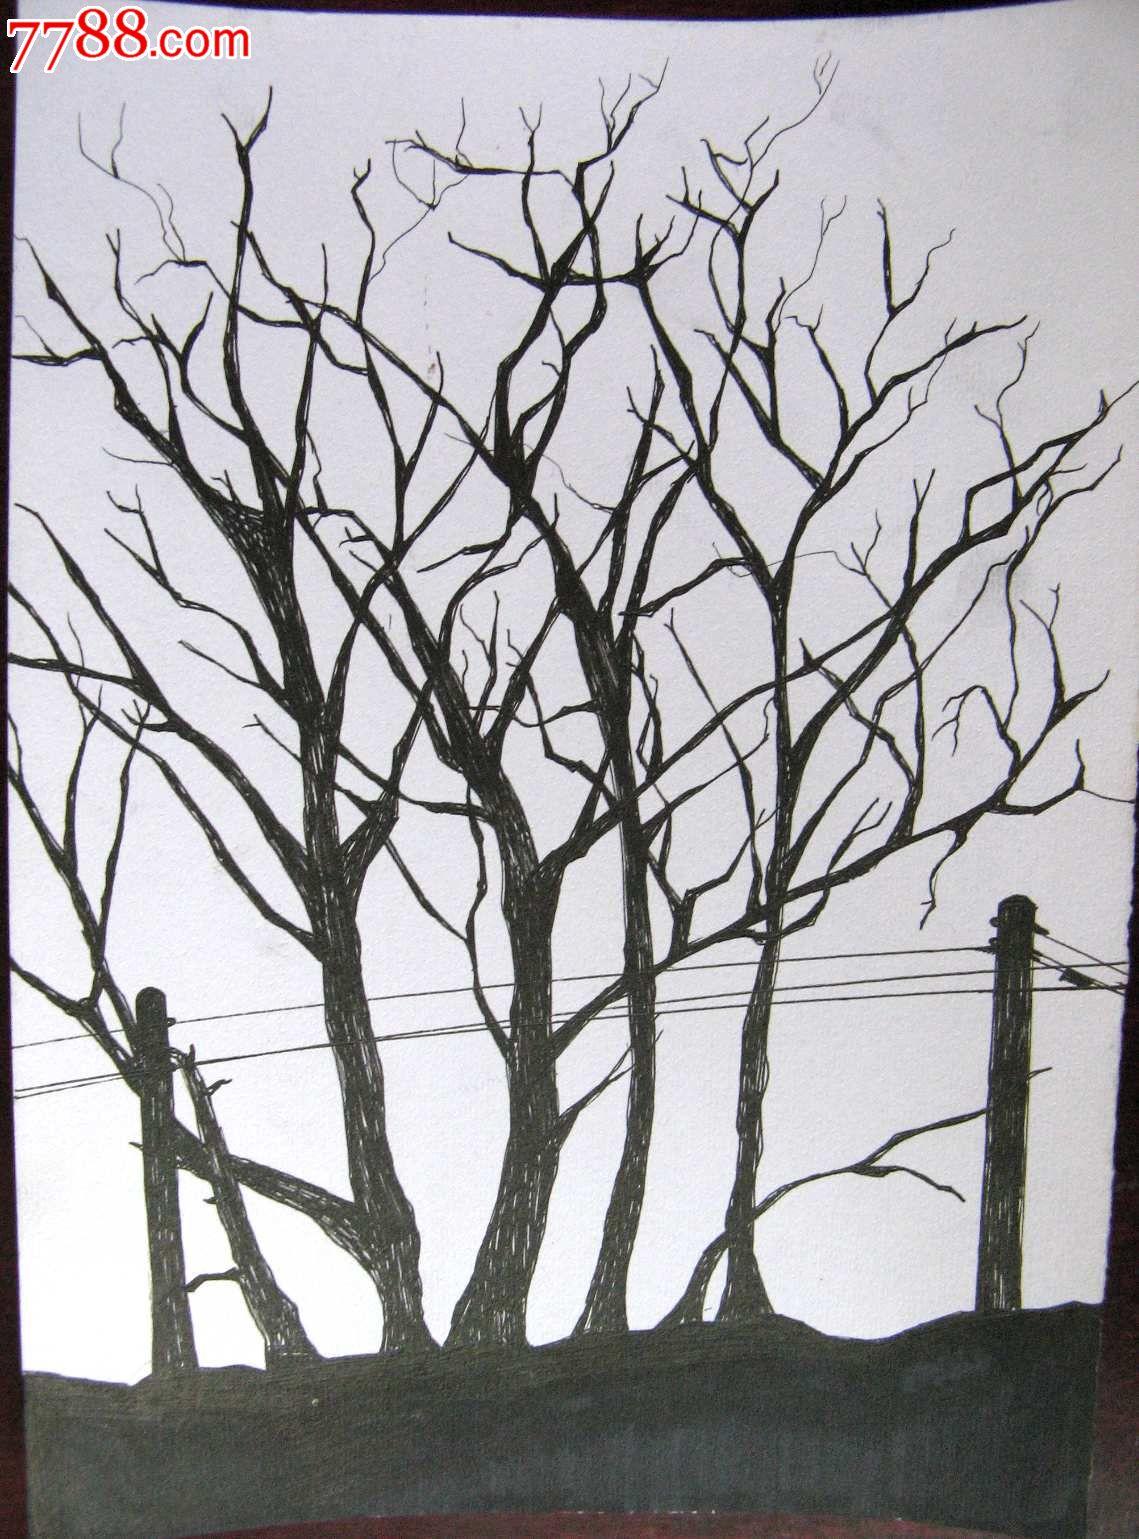 素描风景画:树影